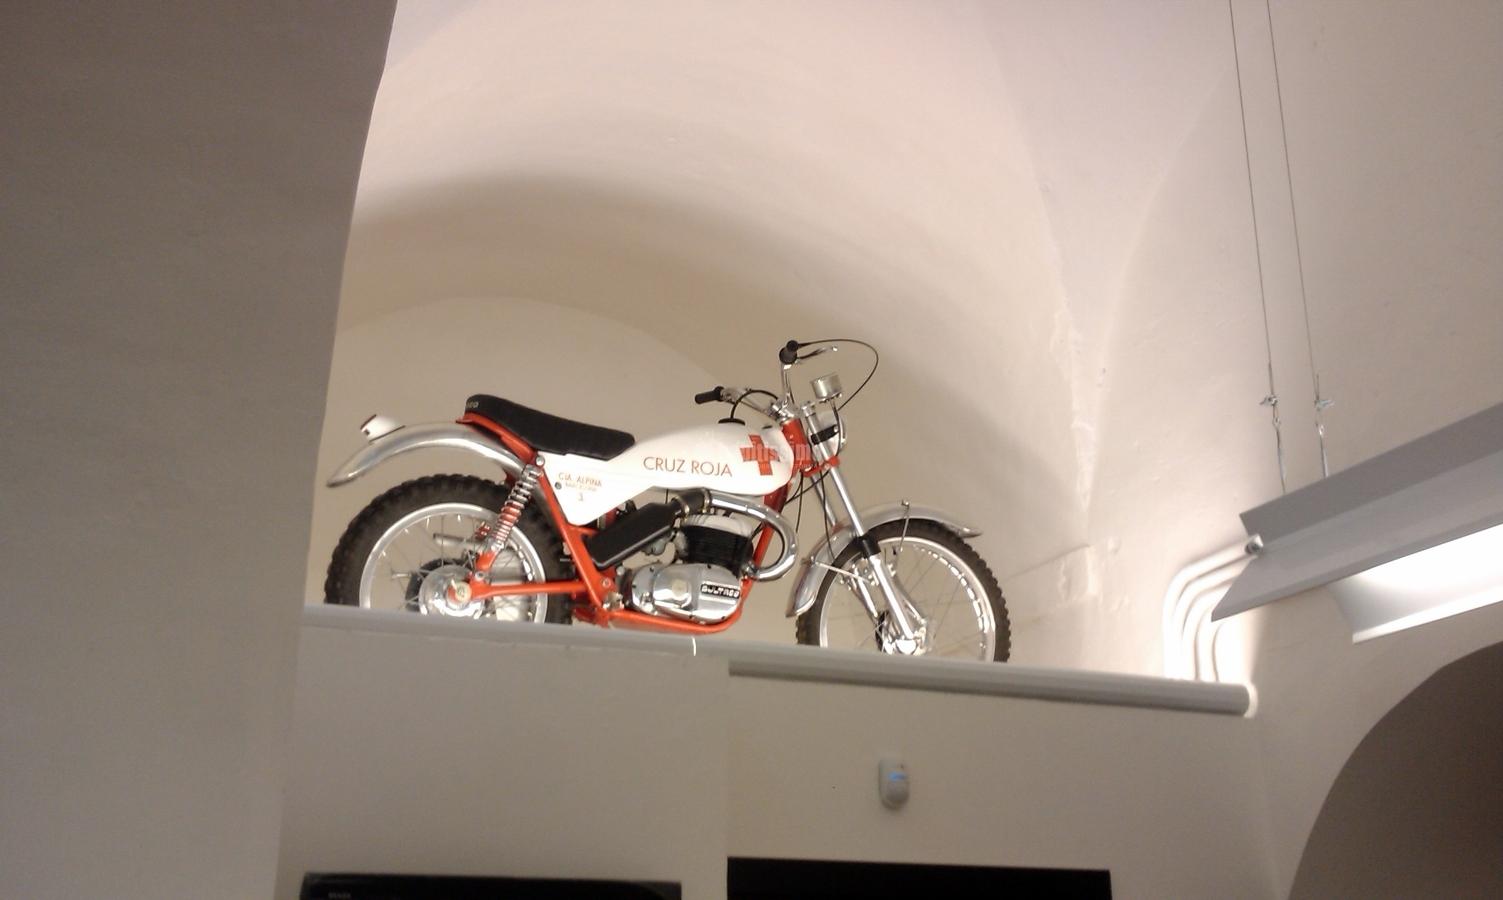 Museo de Motos de Barcelona